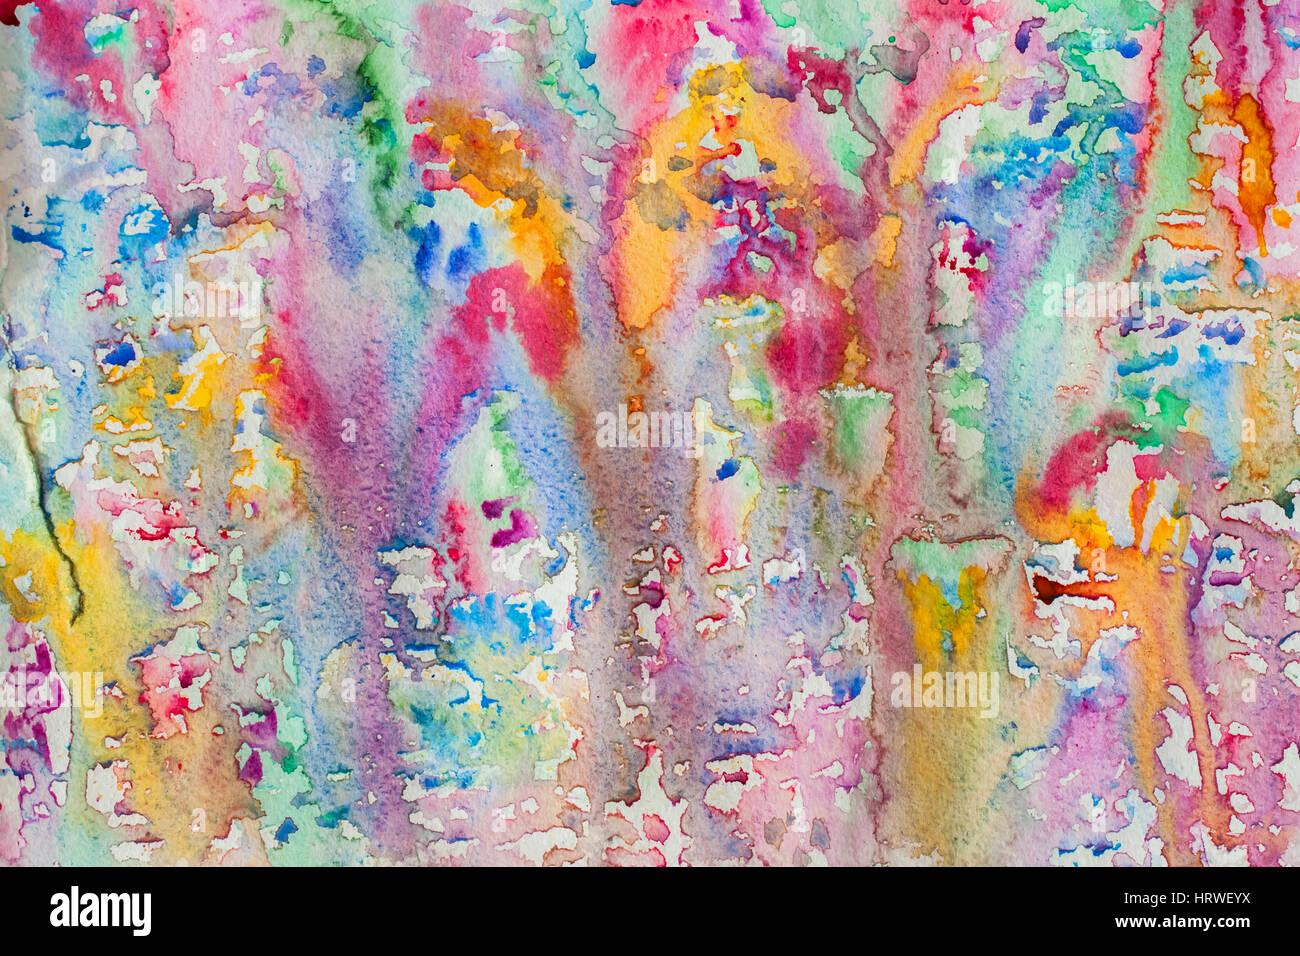 Charmant Aquarelle Abstraite Toutes Les Couleurs De La Peinture De Fond Arc En Ciel  à Pulvérisation, Taches, Des éclaboussures. Faites à La Main Sur Papier  Texture ...